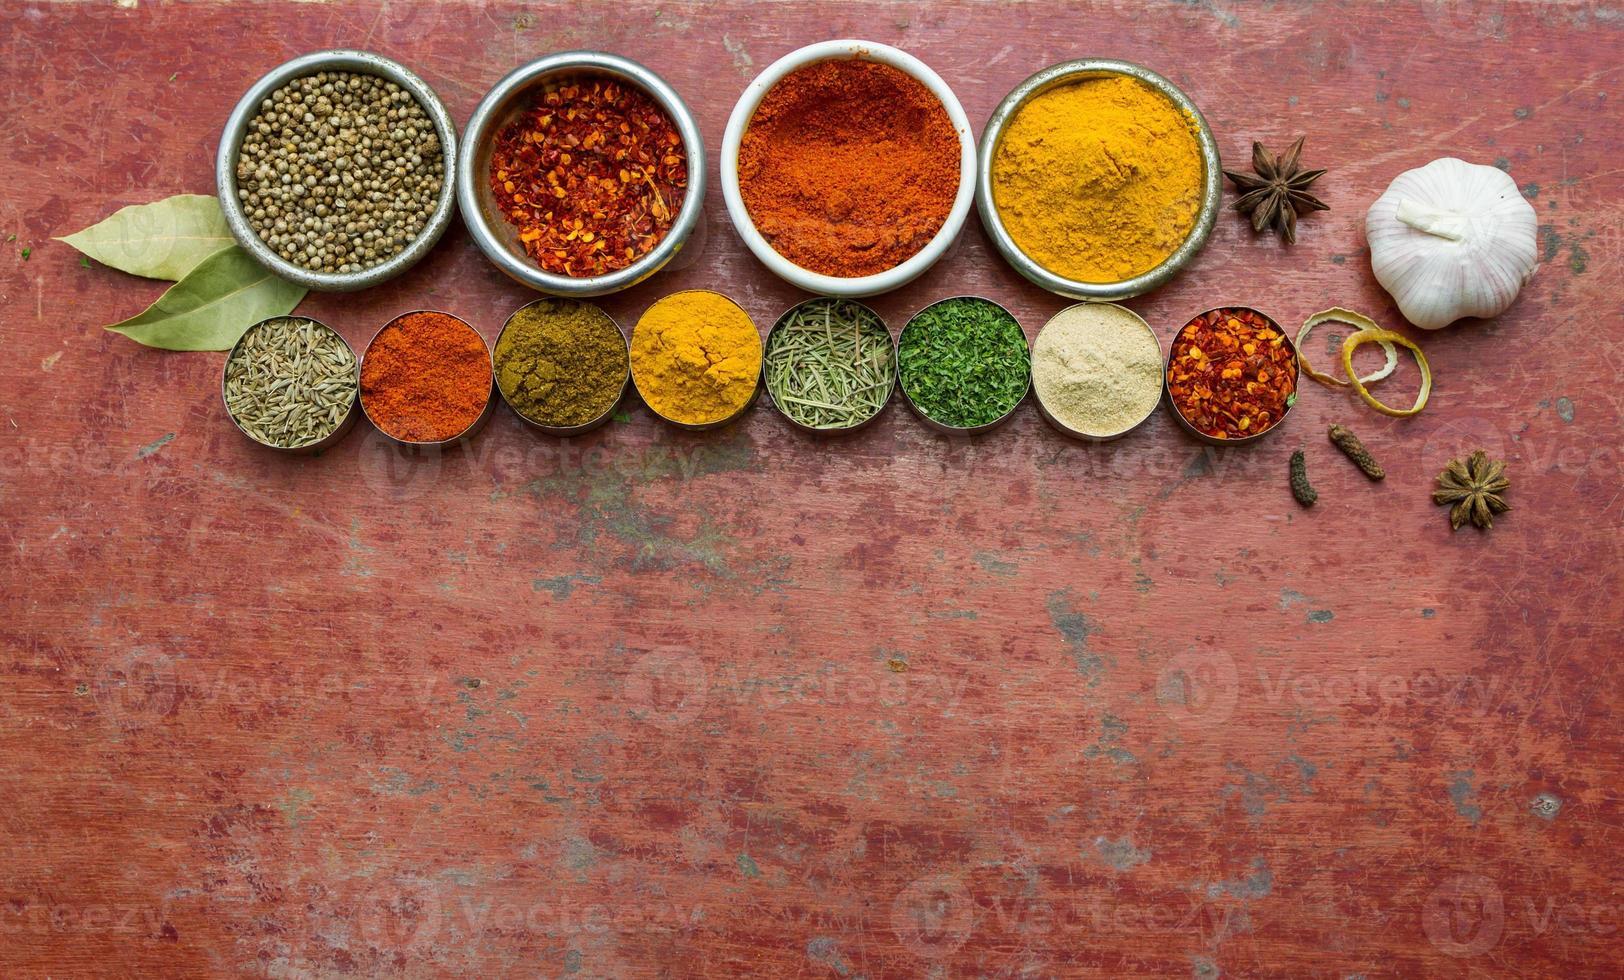 especias y hierbas mixtas. ingredientes de alimentos y cocina centrico rojo foto